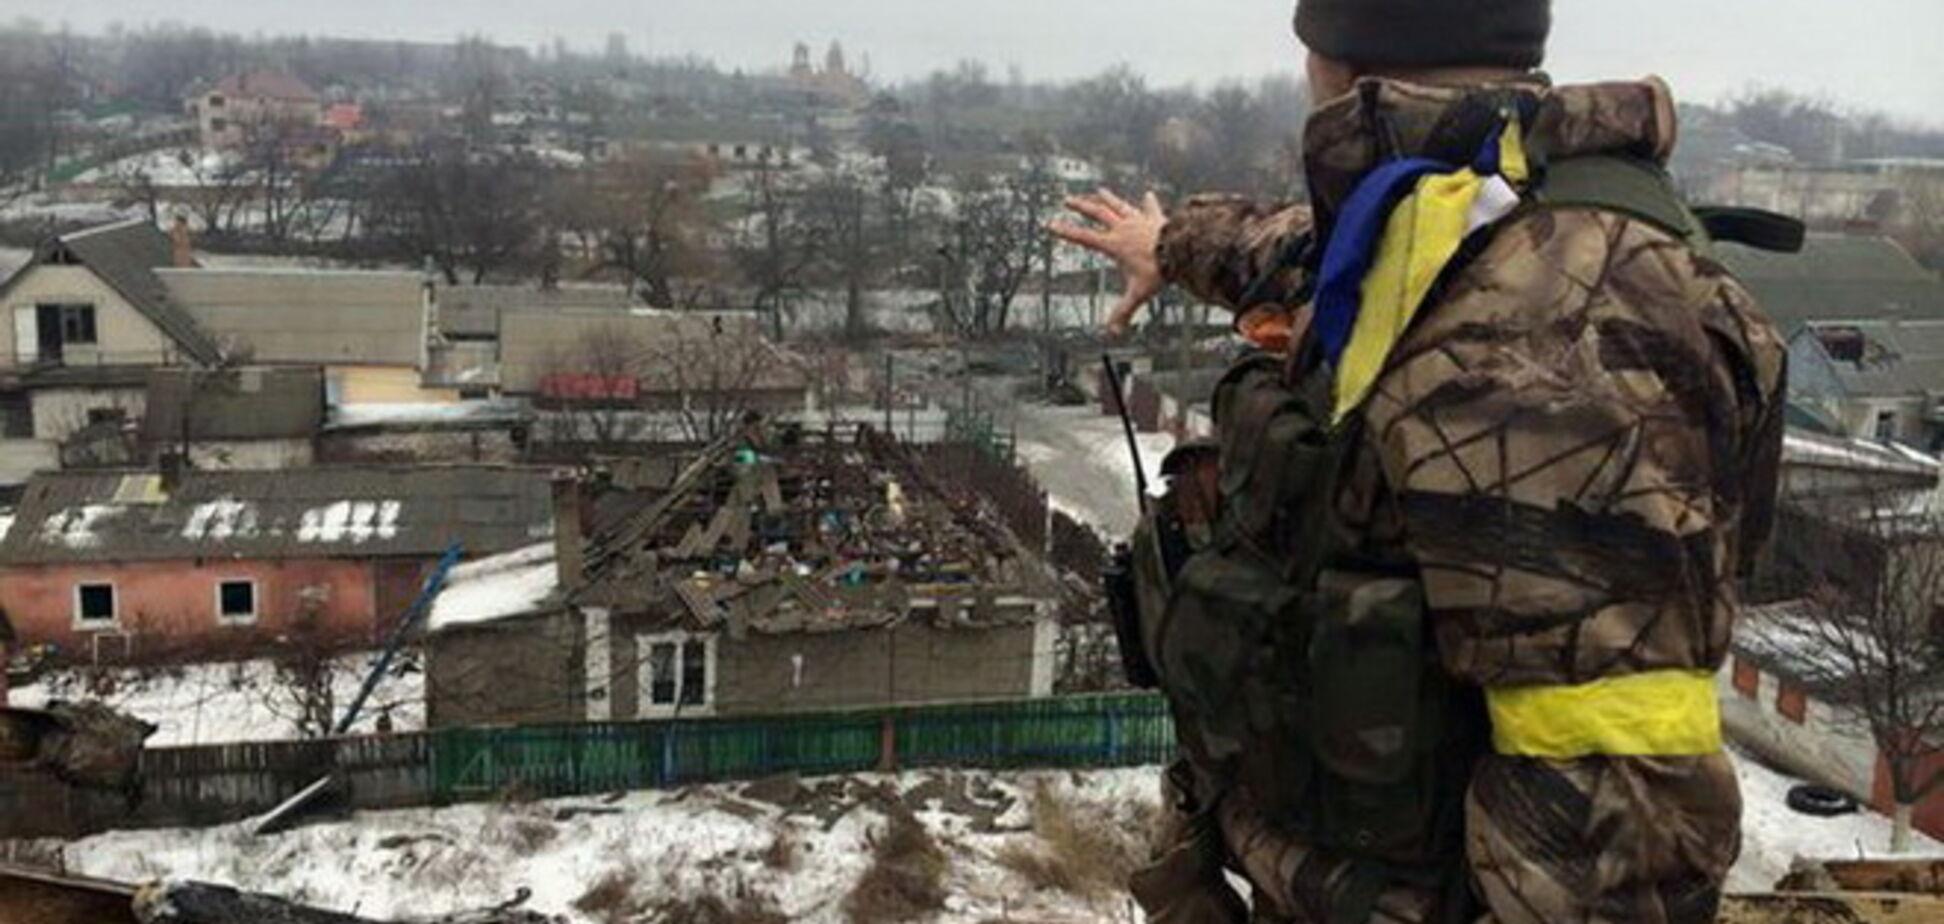 Россияне убили в терминале 40 кадыровцев - подробности последнего боя